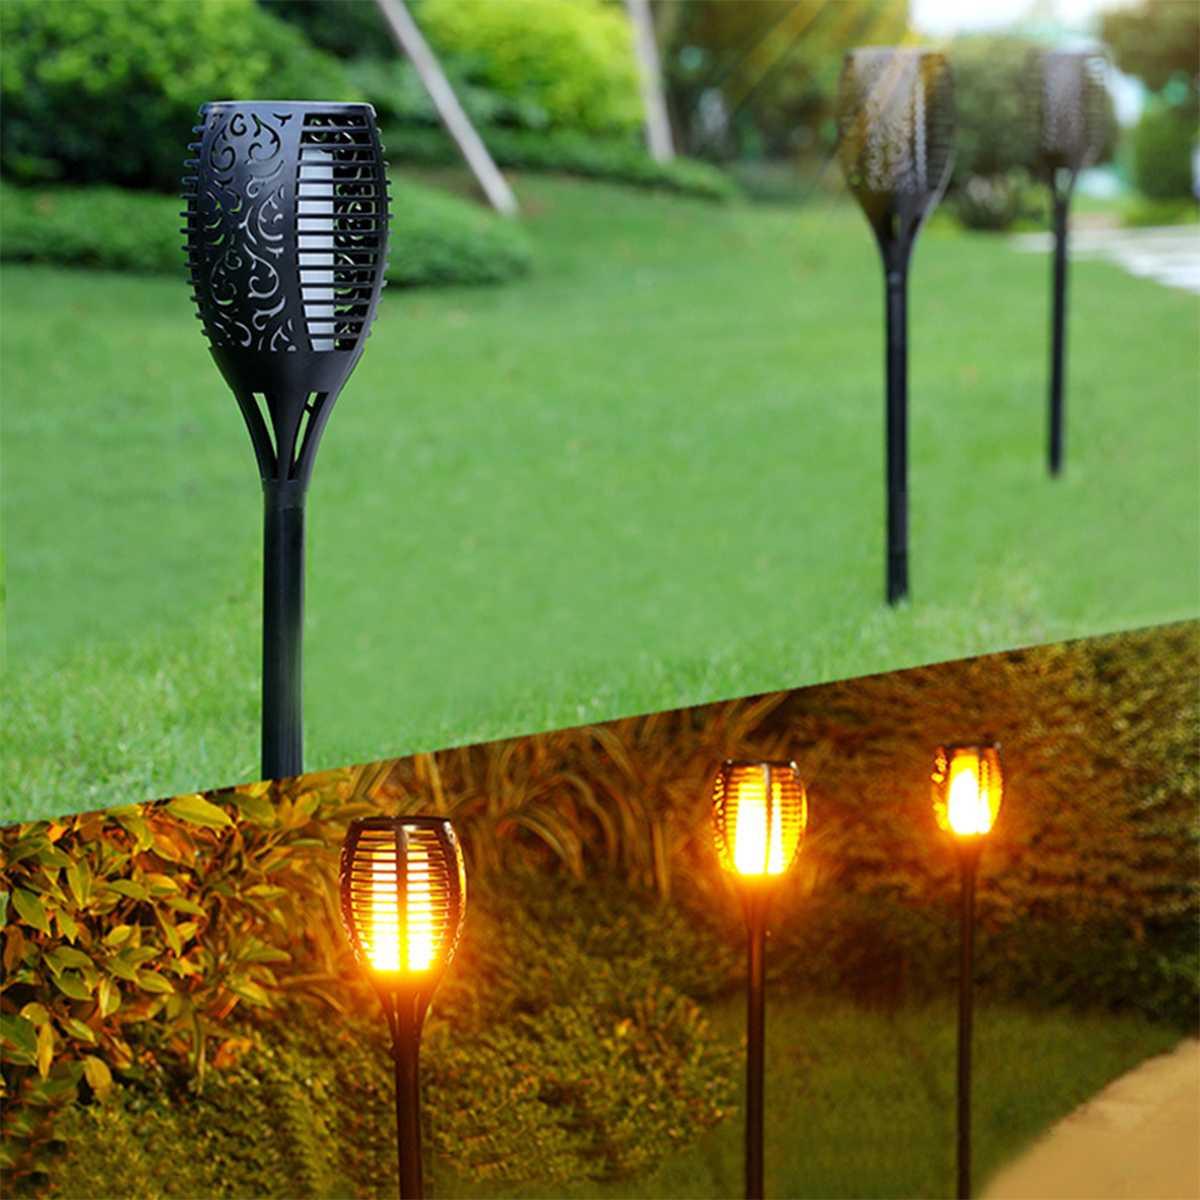 96 diod led wodoodporna światła słonecznego mocna latarka światła migotanie płomienia lampy ogrodowe krajobraz dekoracyjne oświetlenie dziedziniec lampa trawnikowa w Lampy solarne od Lampy i oświetlenie na YZKJ lighting Store